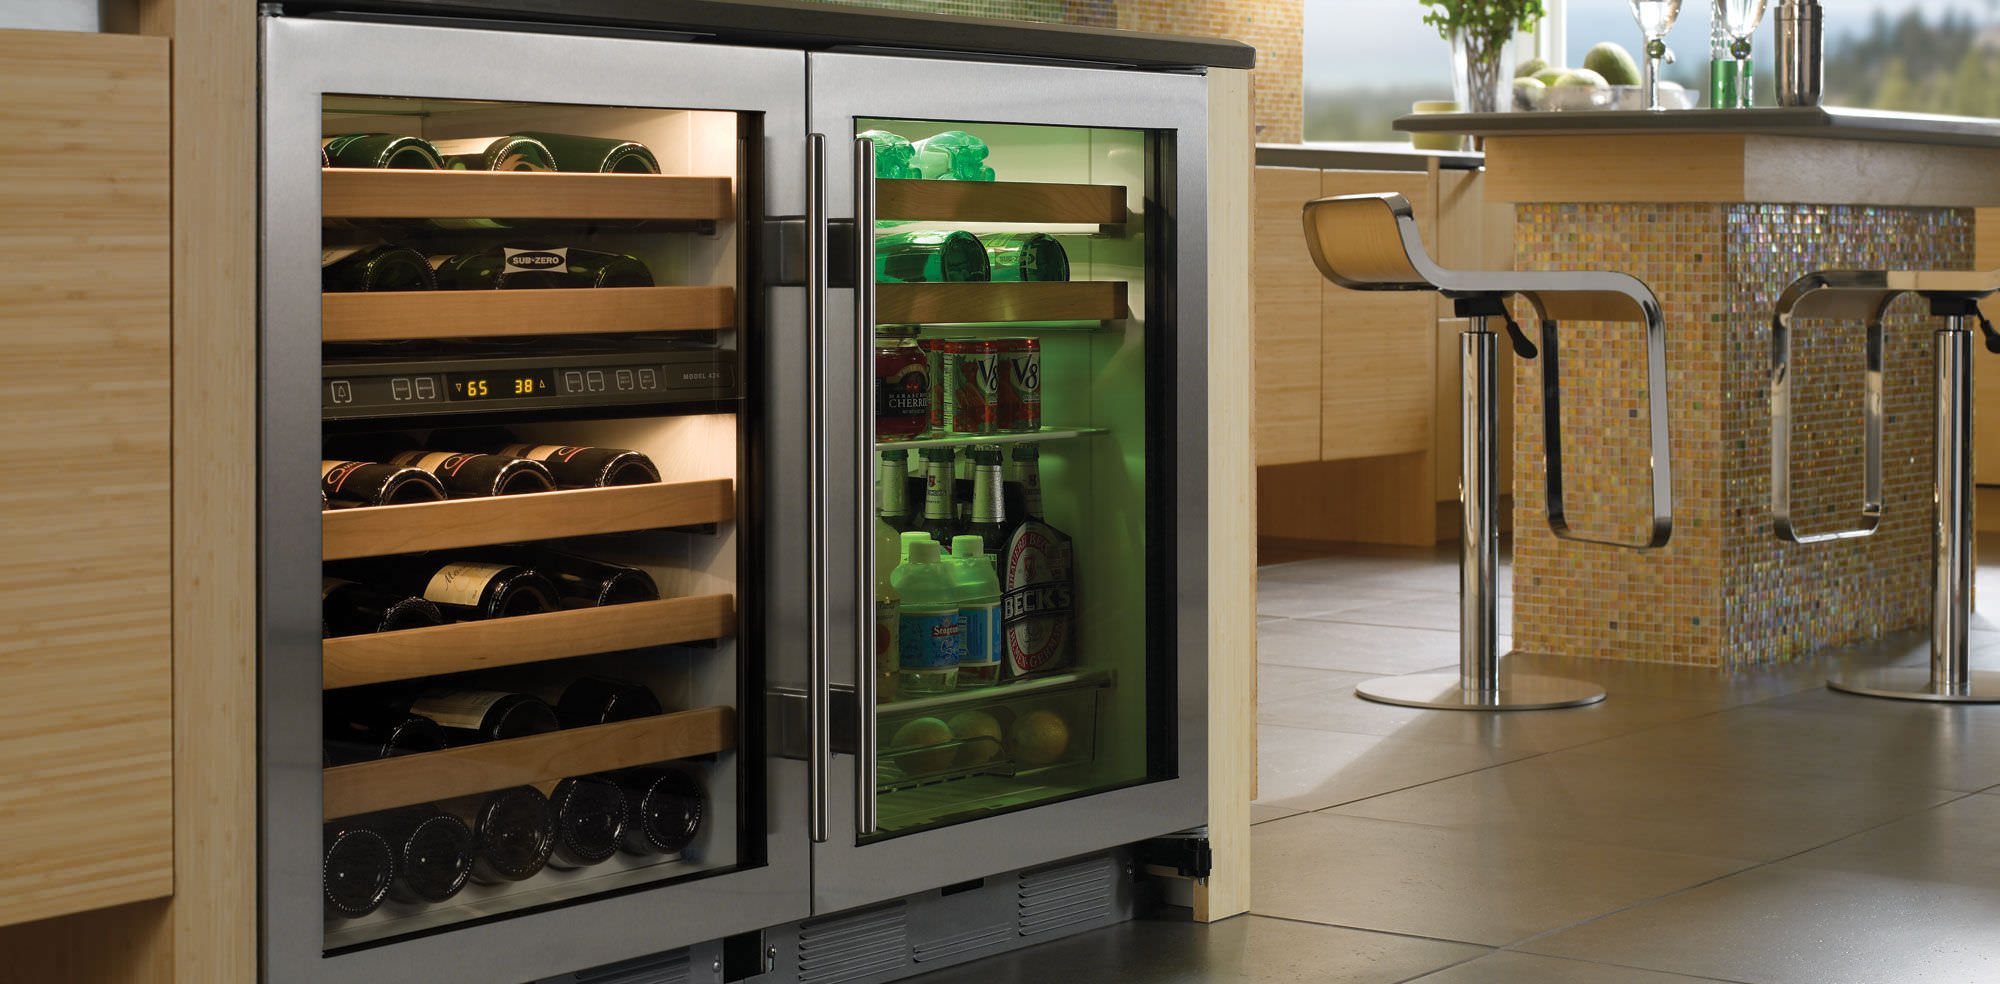 Einbau getränkekühlschrank – Küchen kaufen billig